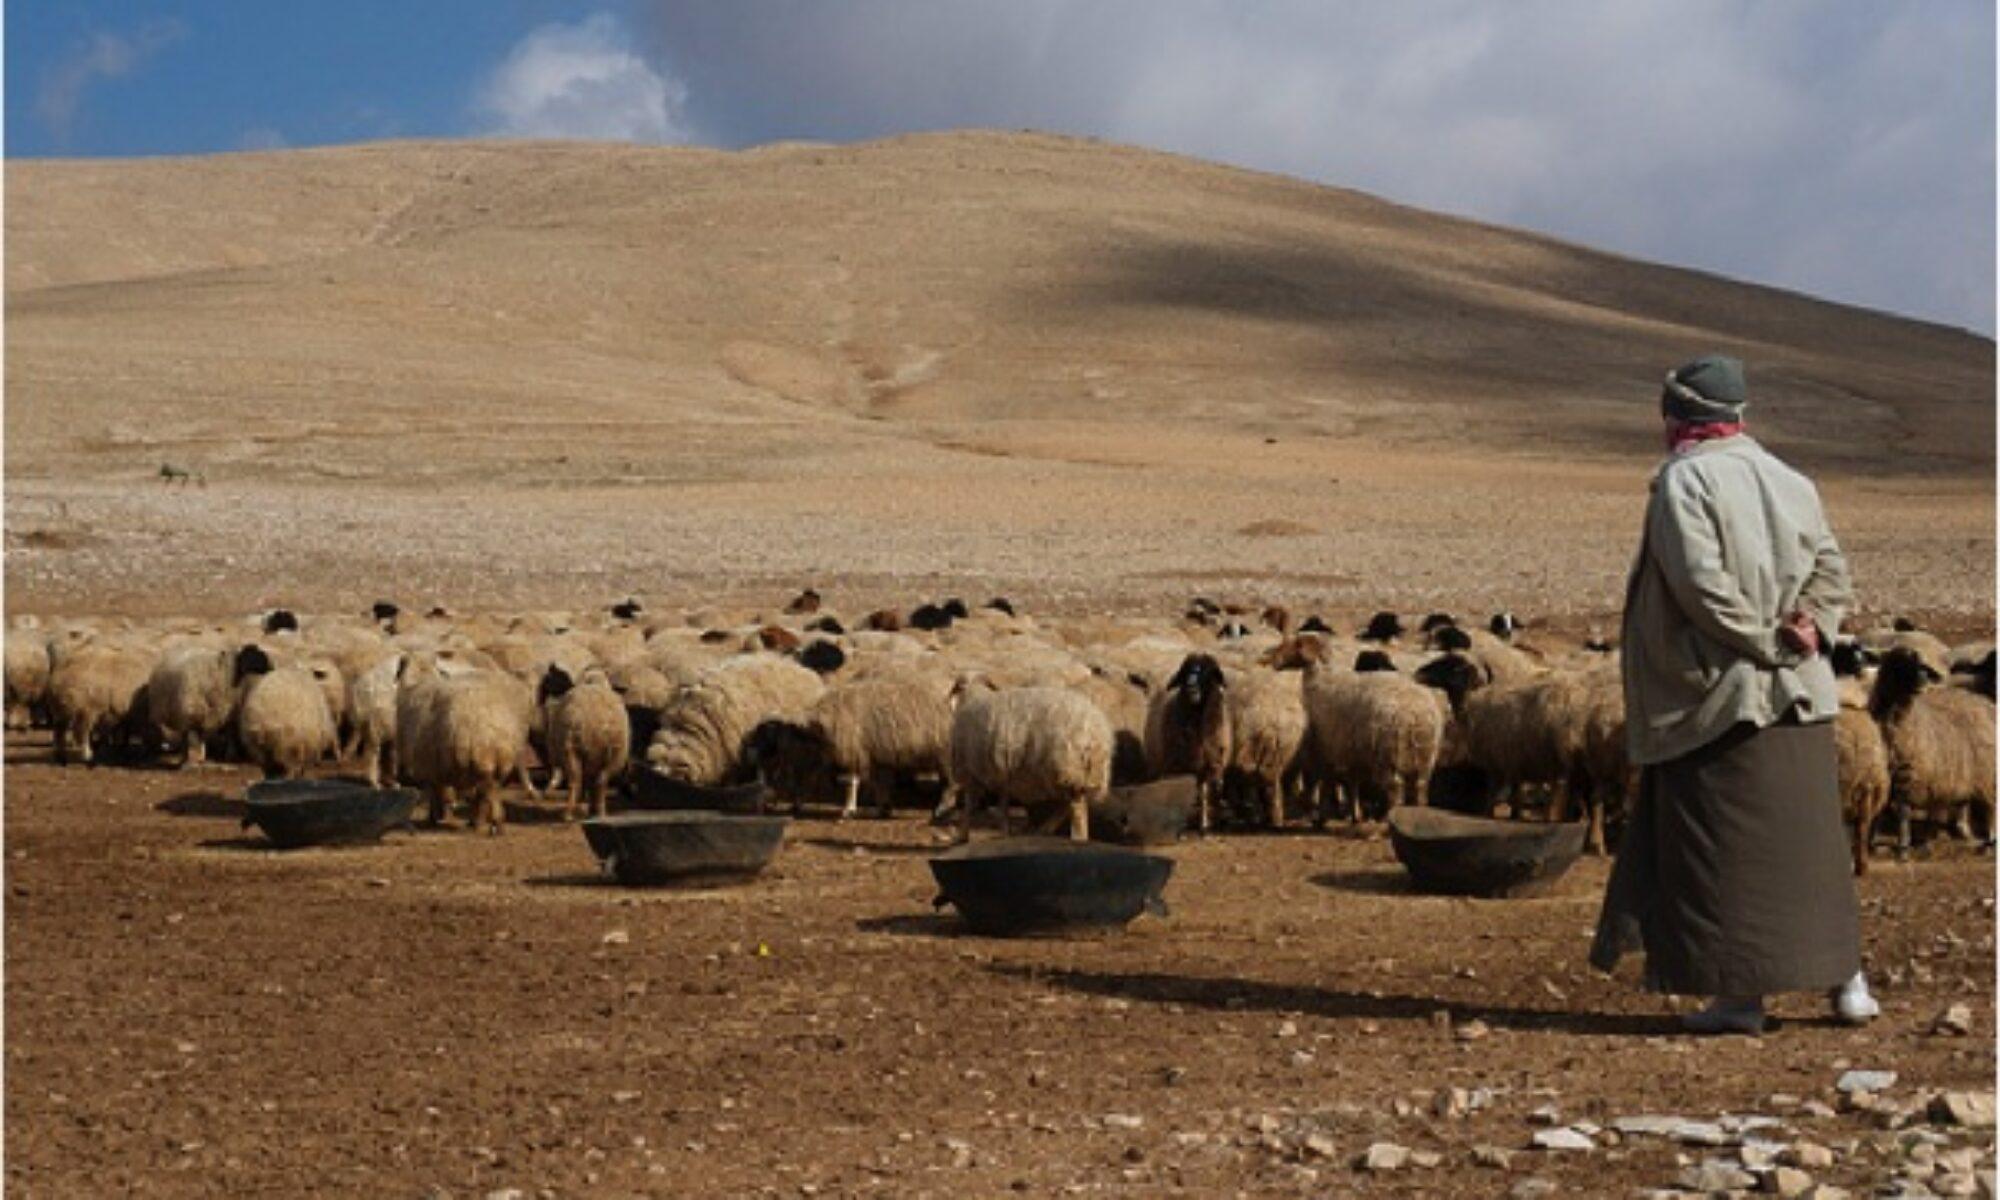 Rojavalı çiftçiler: Ekinler bir karıştan fazla büyüyemedi, arazilerimiz bir çöle dönüştü